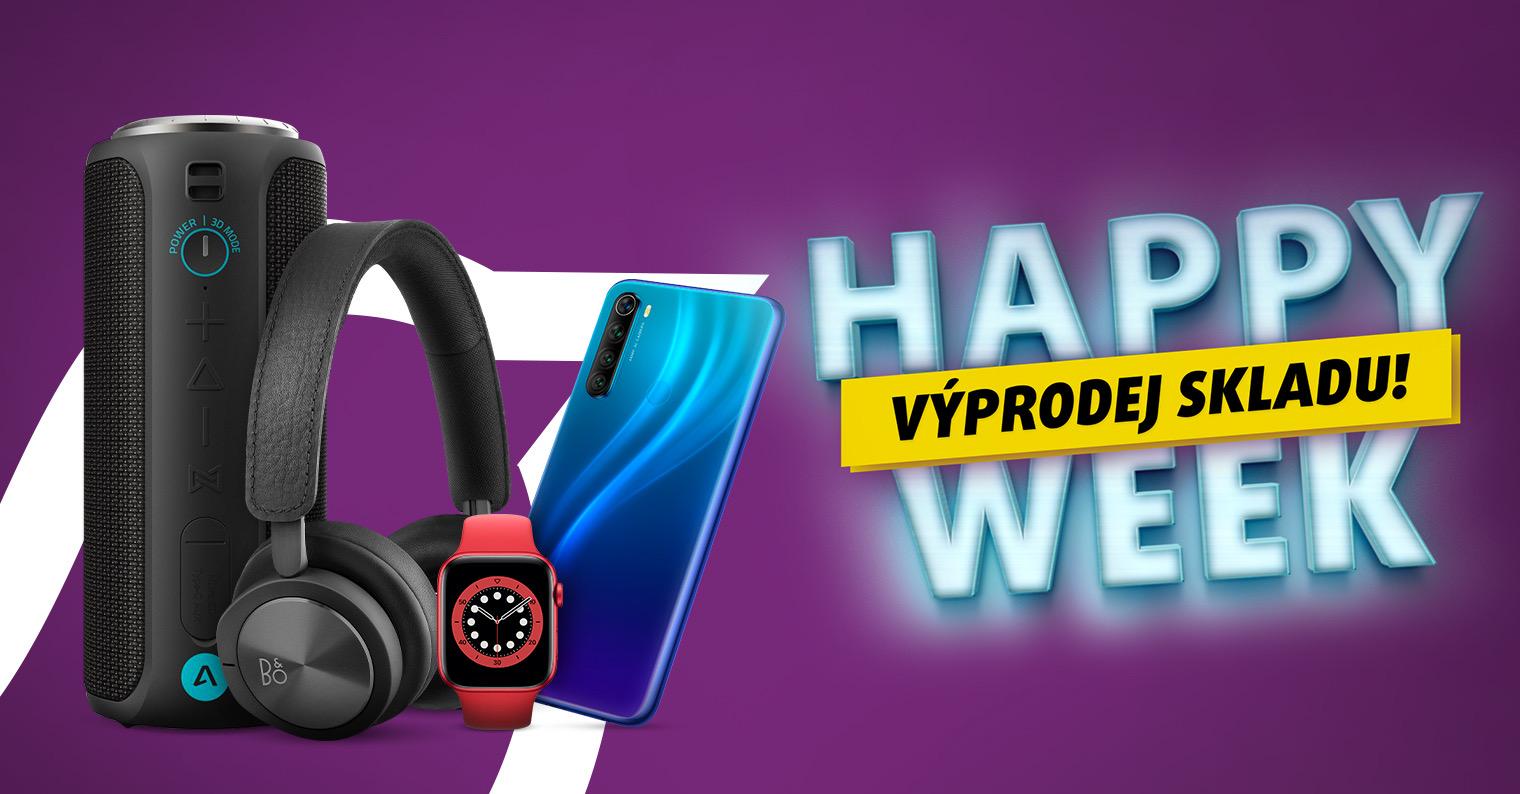 Smarty Happy Week: výprodej skladů zahájeno! [sponzorovaný článek]